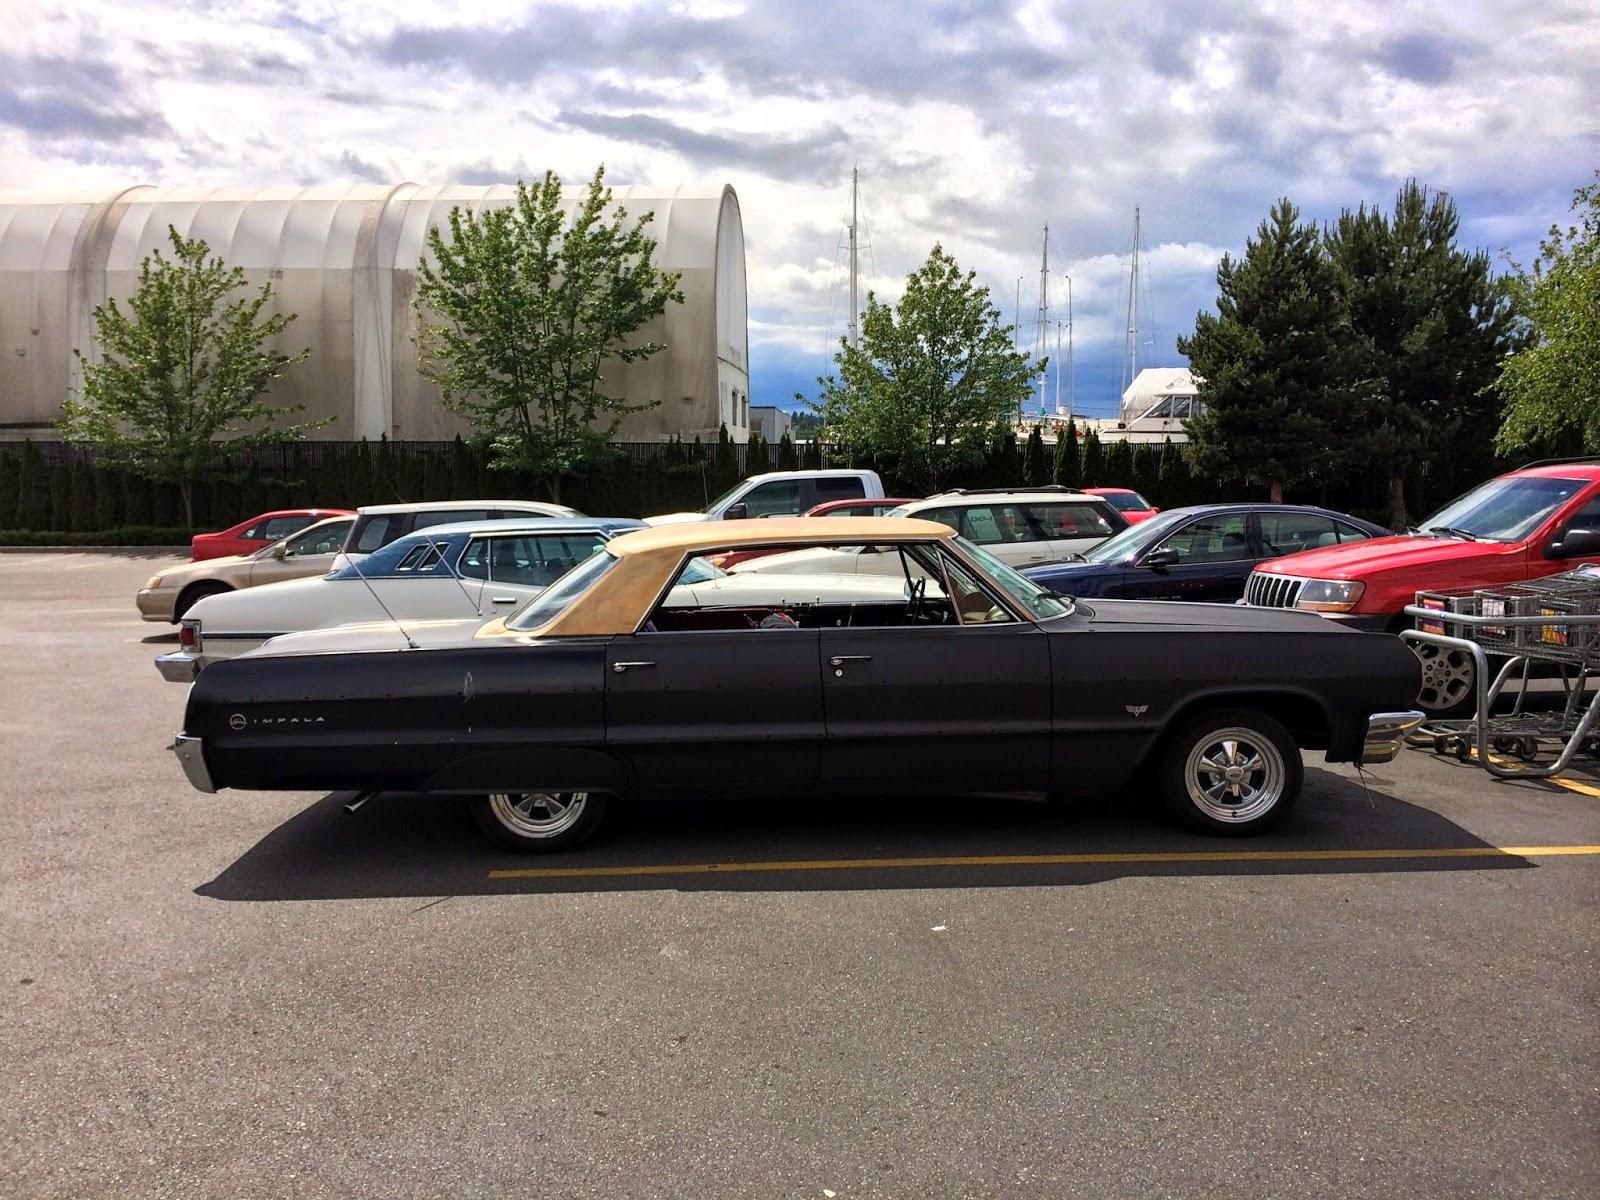 1956 chevrolet bel air 4 door hardtop 113233 - 1962 Chevrolet Impala 4 Door Hardtop 189635 1000x667 1967